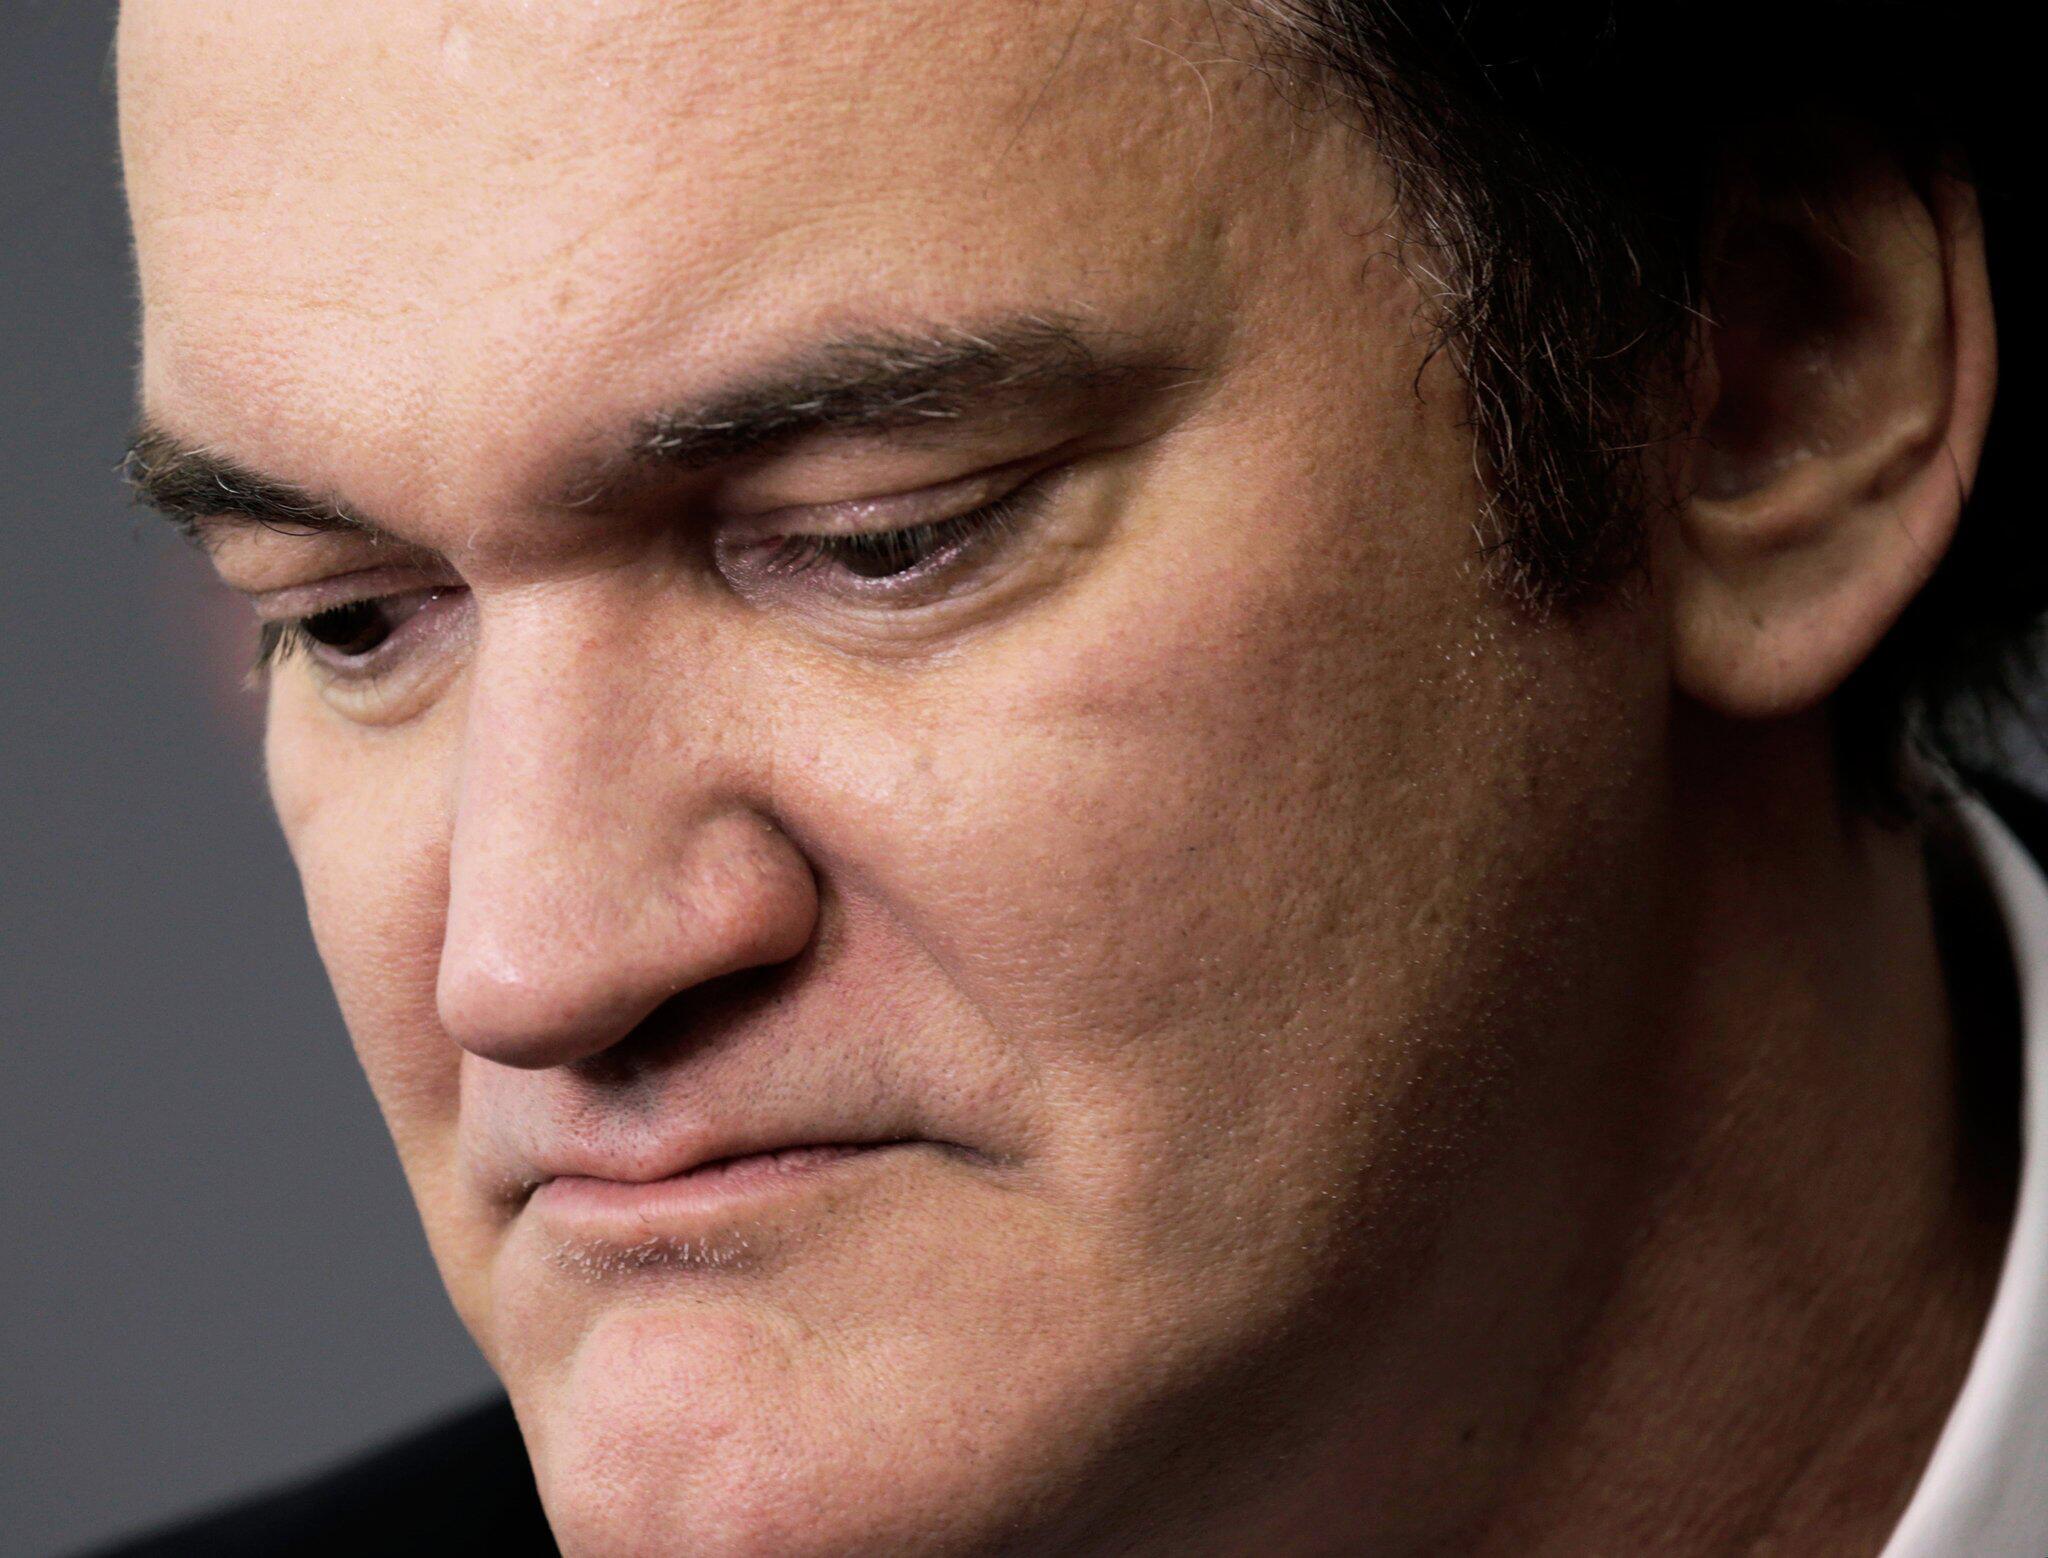 Bild zu Regisseur Tarantino denkt über Ende seiner Karriere nach